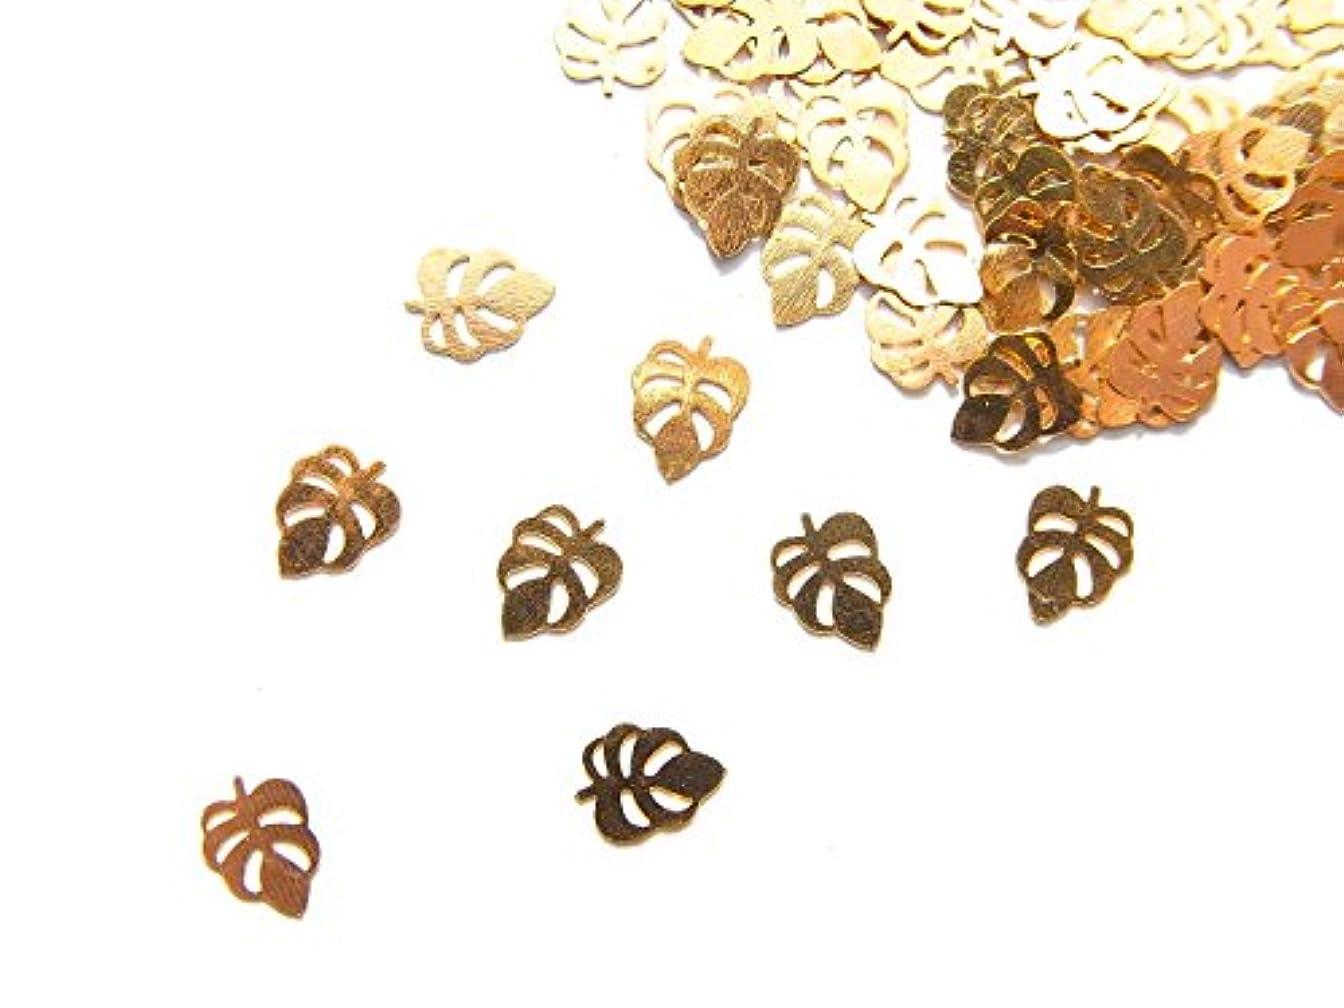 保護する驚き一部【jewel】ug30 薄型ゴールド メタルパーツ 葉っぱ リーフ 10個入り ネイルアートパーツ レジンパーツ